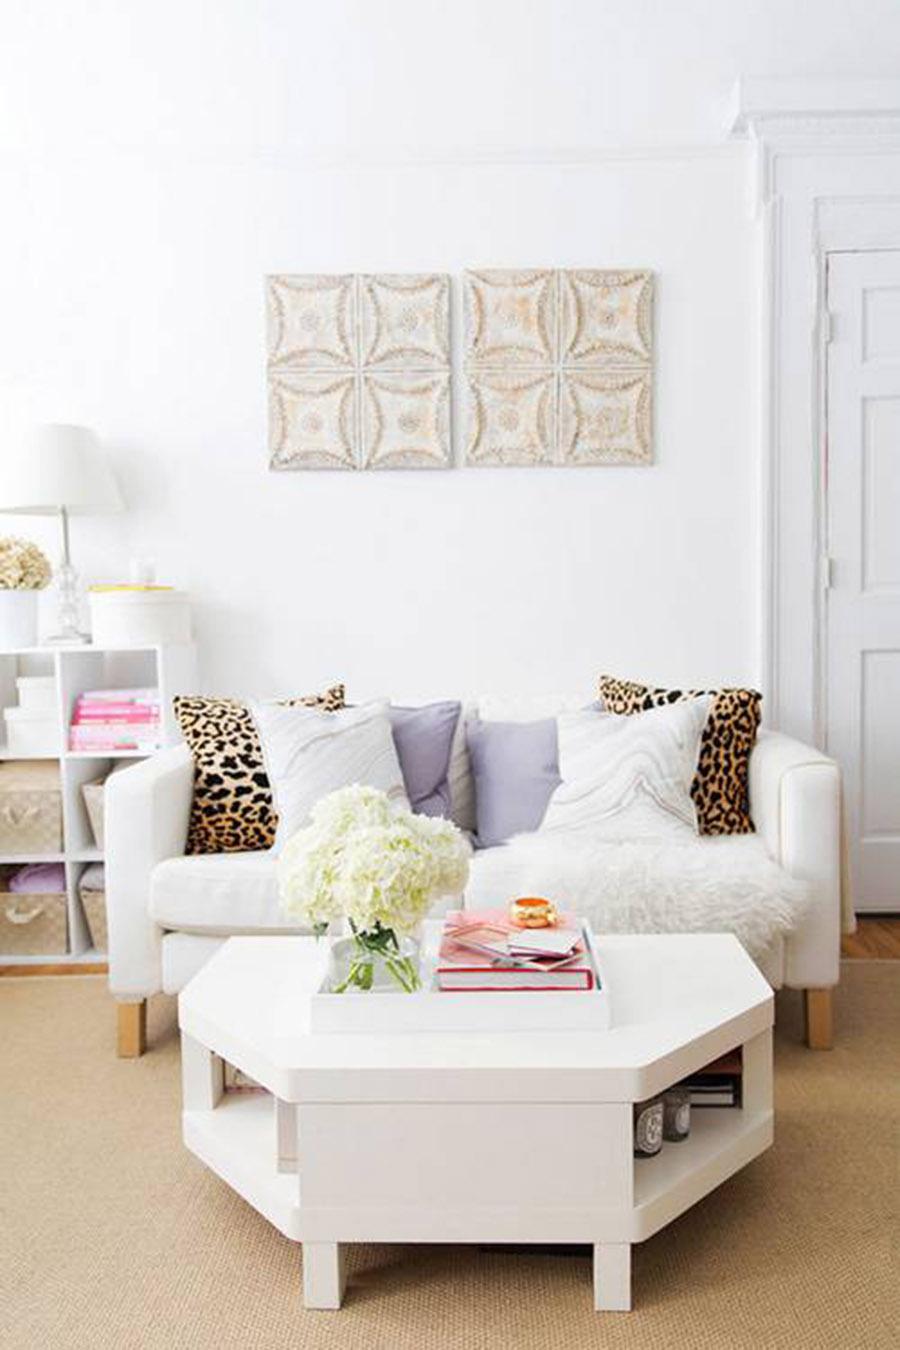 Small Living Space, Home Decor, Decorating Ideas, Home Inspiration, Interior Design, Home Tour, Small Apartment Condo